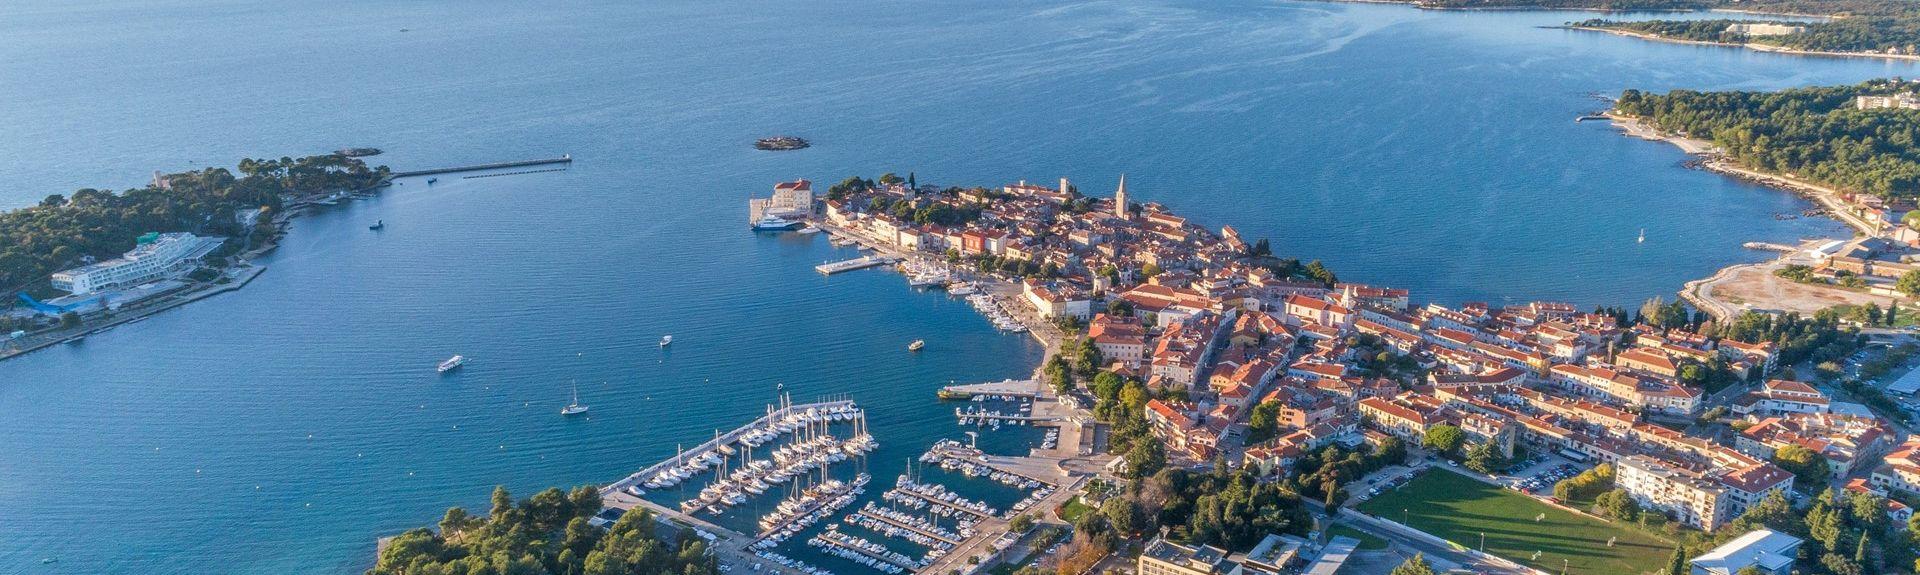 Sveti Lovreč, Croatia